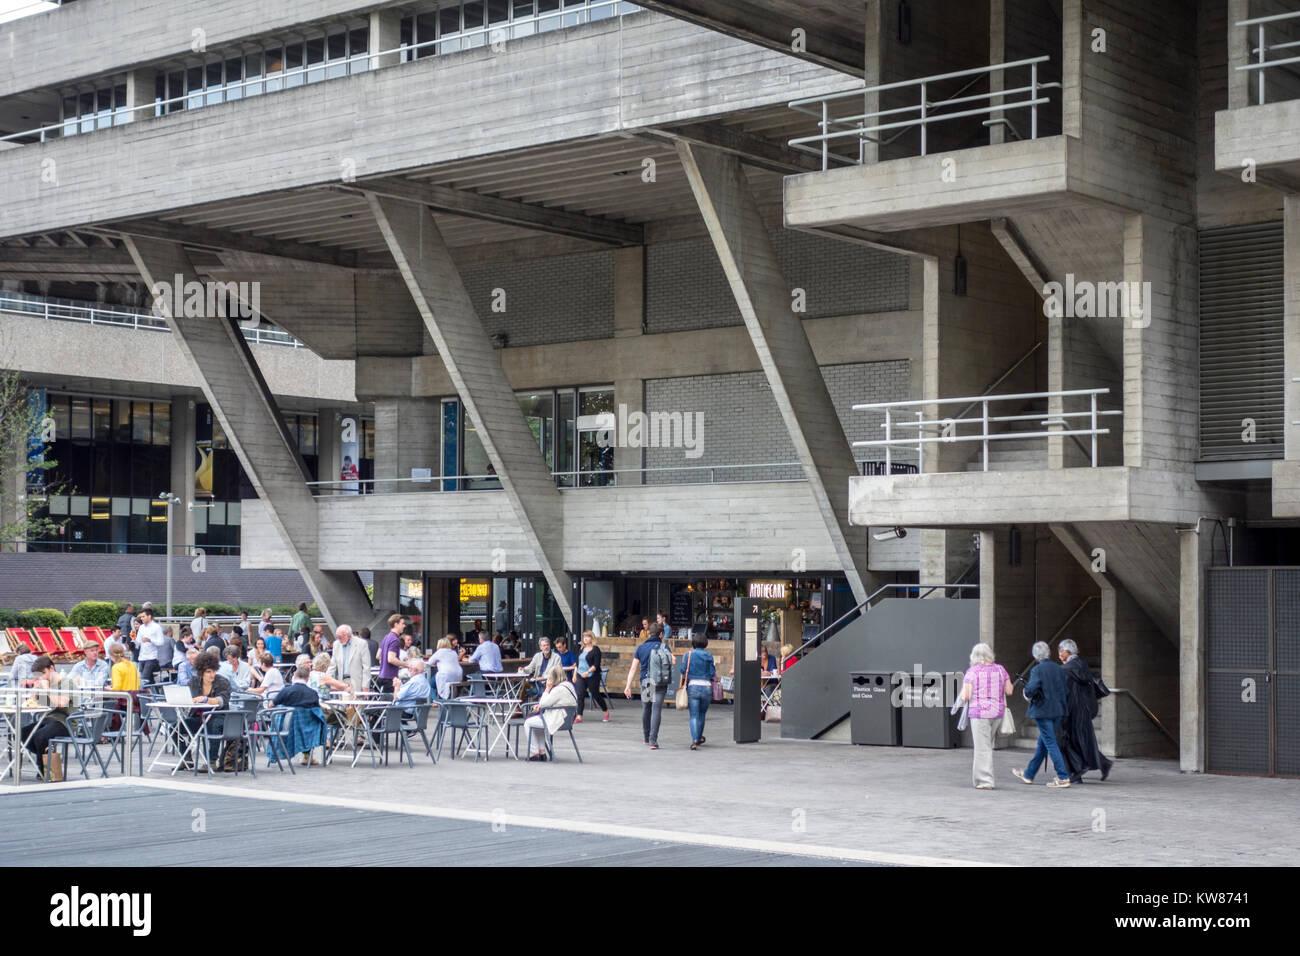 La gente se sentaba fuera del brutalist arquitectura del Teatro Nacional en Londres del Banco del Sur, Londres, Imagen De Stock